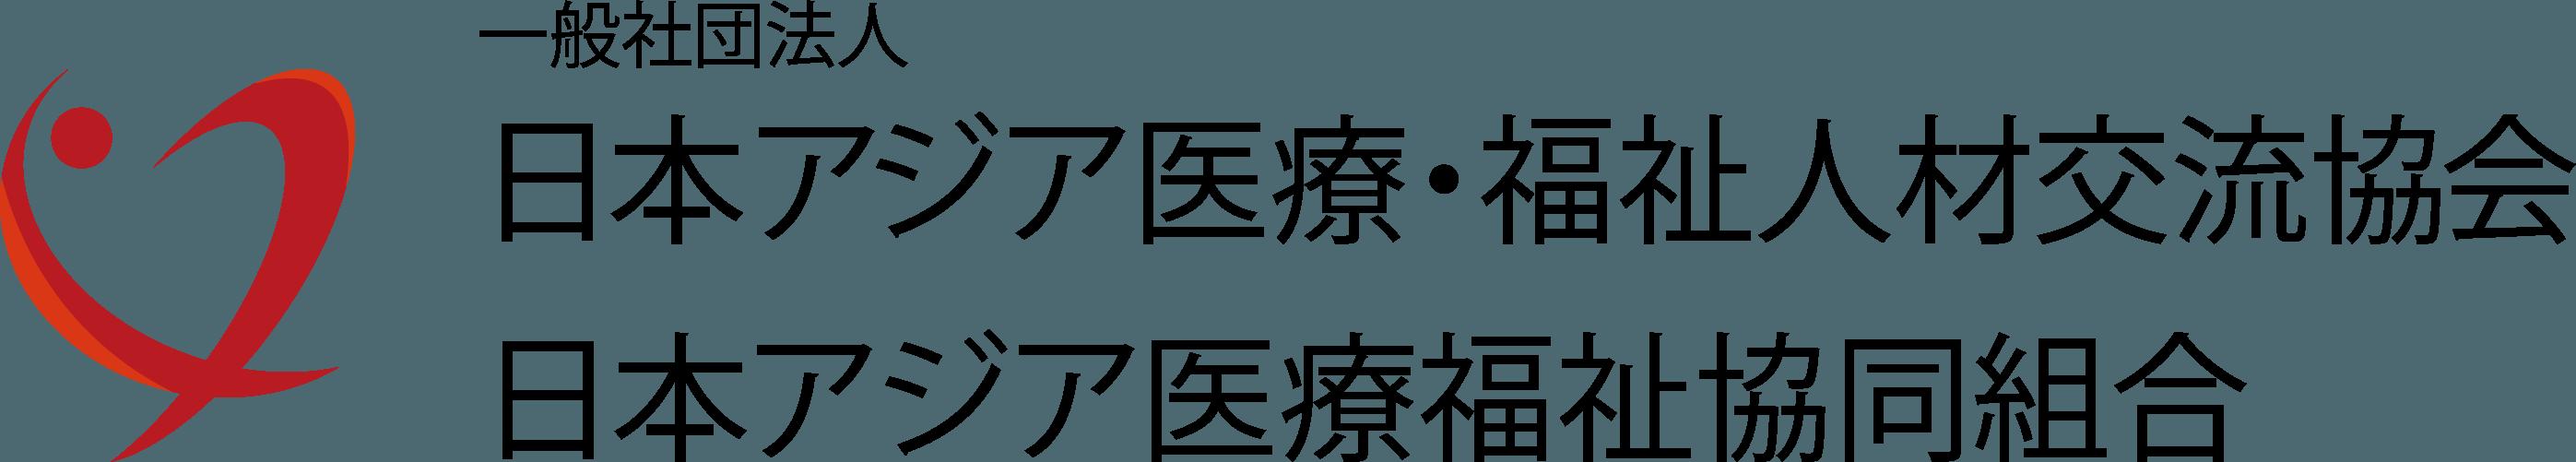 日本アジア医療福祉協同組合